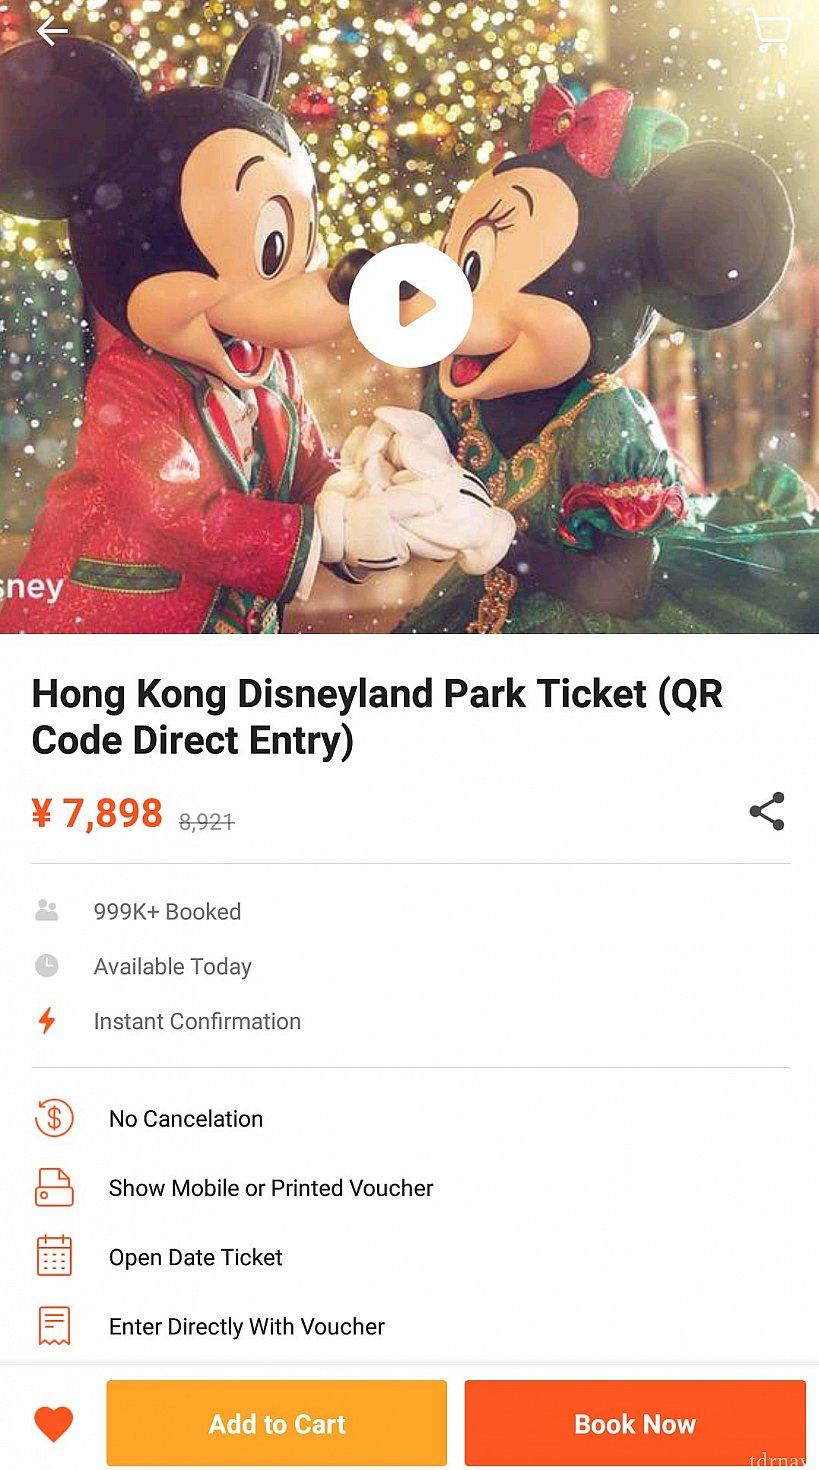 こちらのサイトで購入できます。ちなみに、東京ディズニーリゾートや上海ディズニーランドのものも取り扱っている様です。